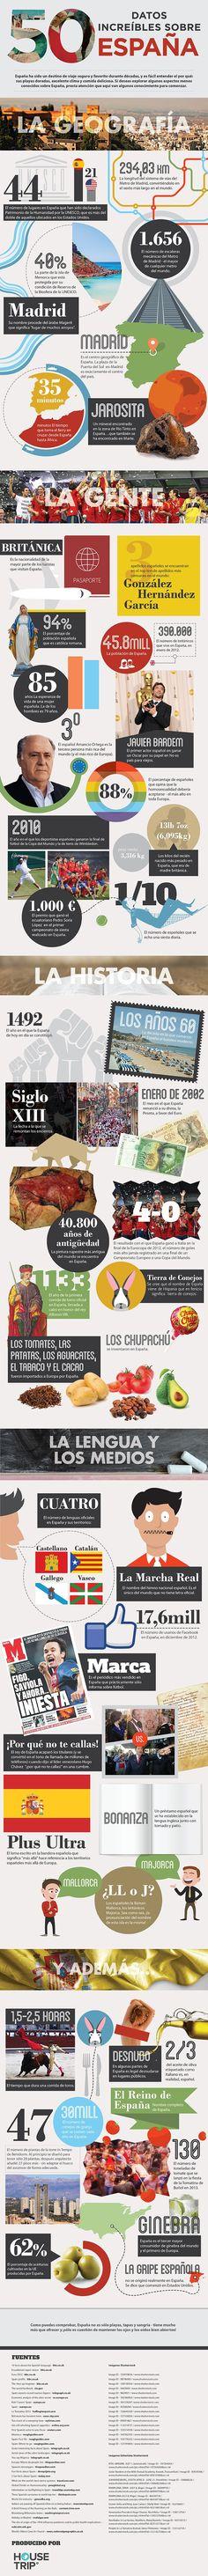 50 datos increíbles sobre España